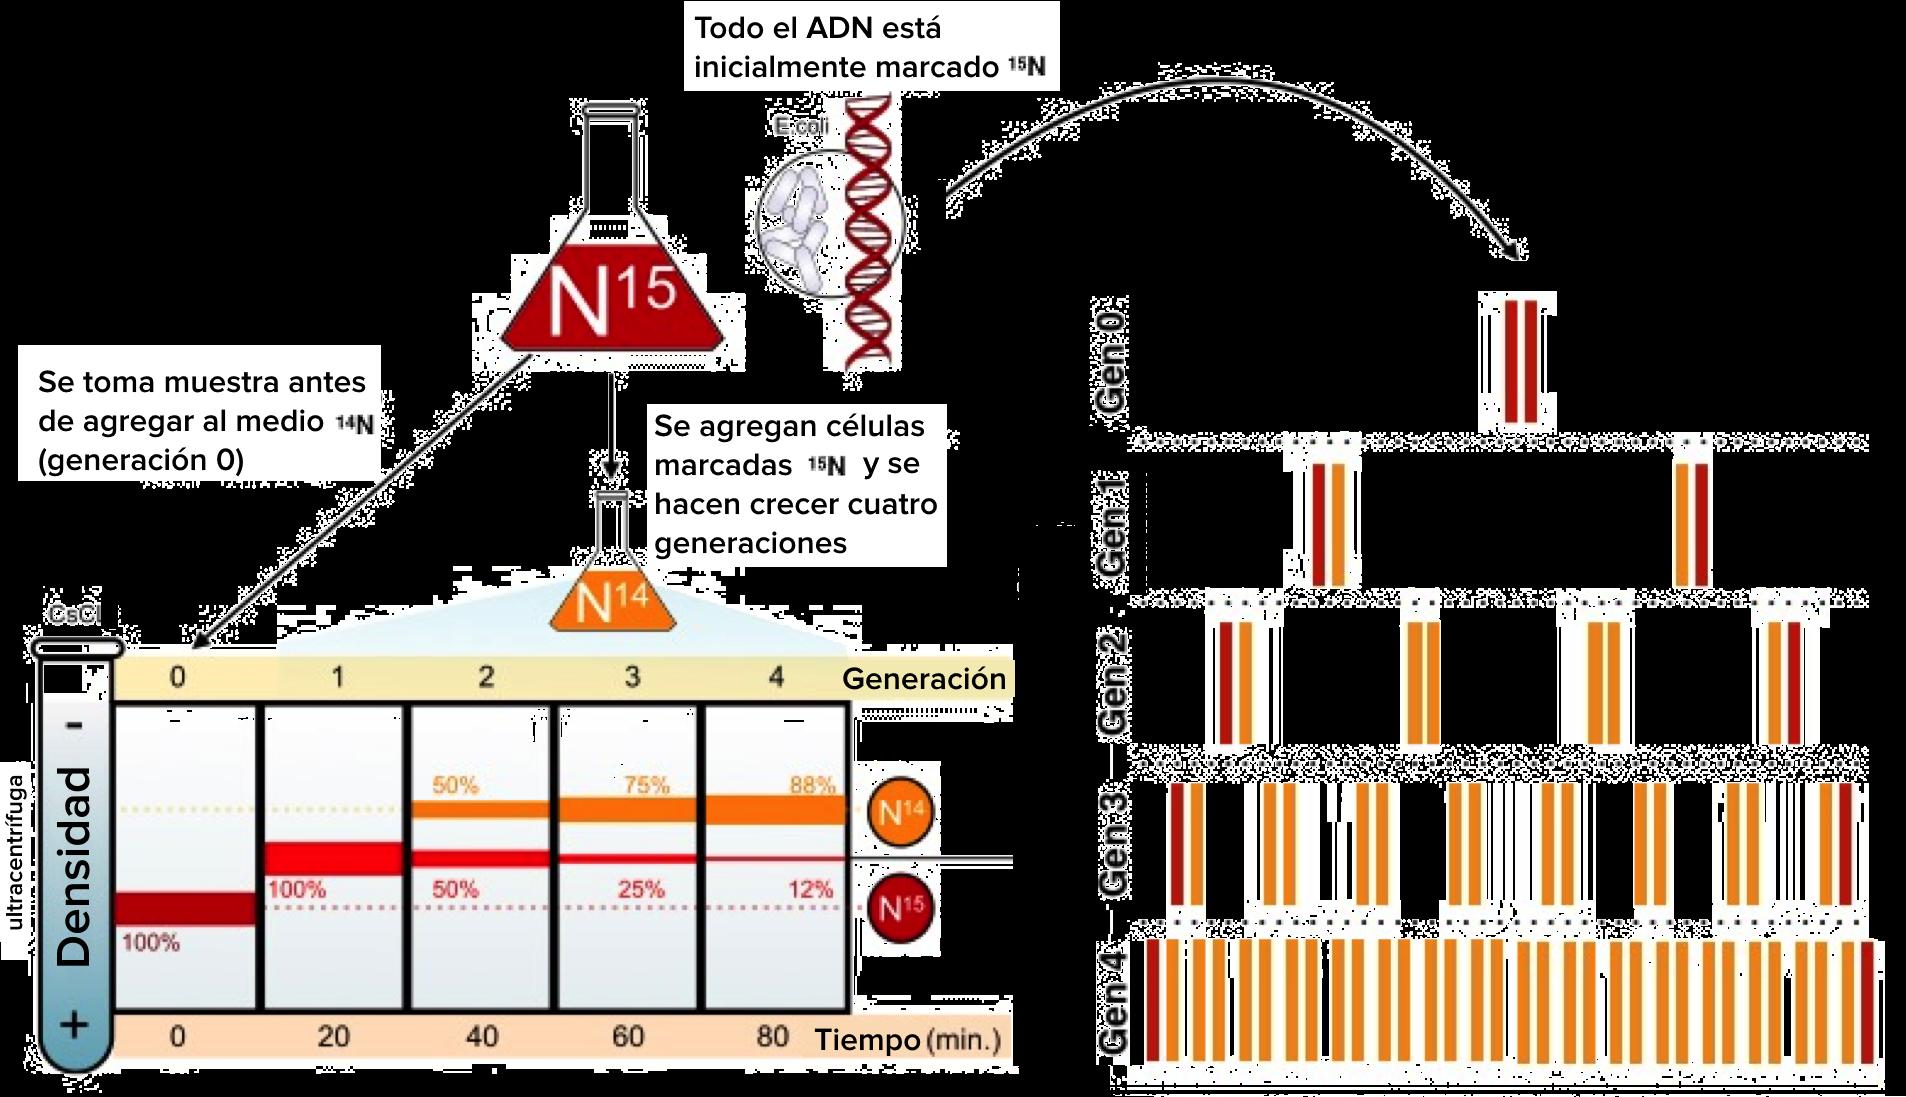 Diagrama del experimento de Meselson-Stahl. Todo el ADN está marcado  inicialmente con nitrógeno bf74e3ea810